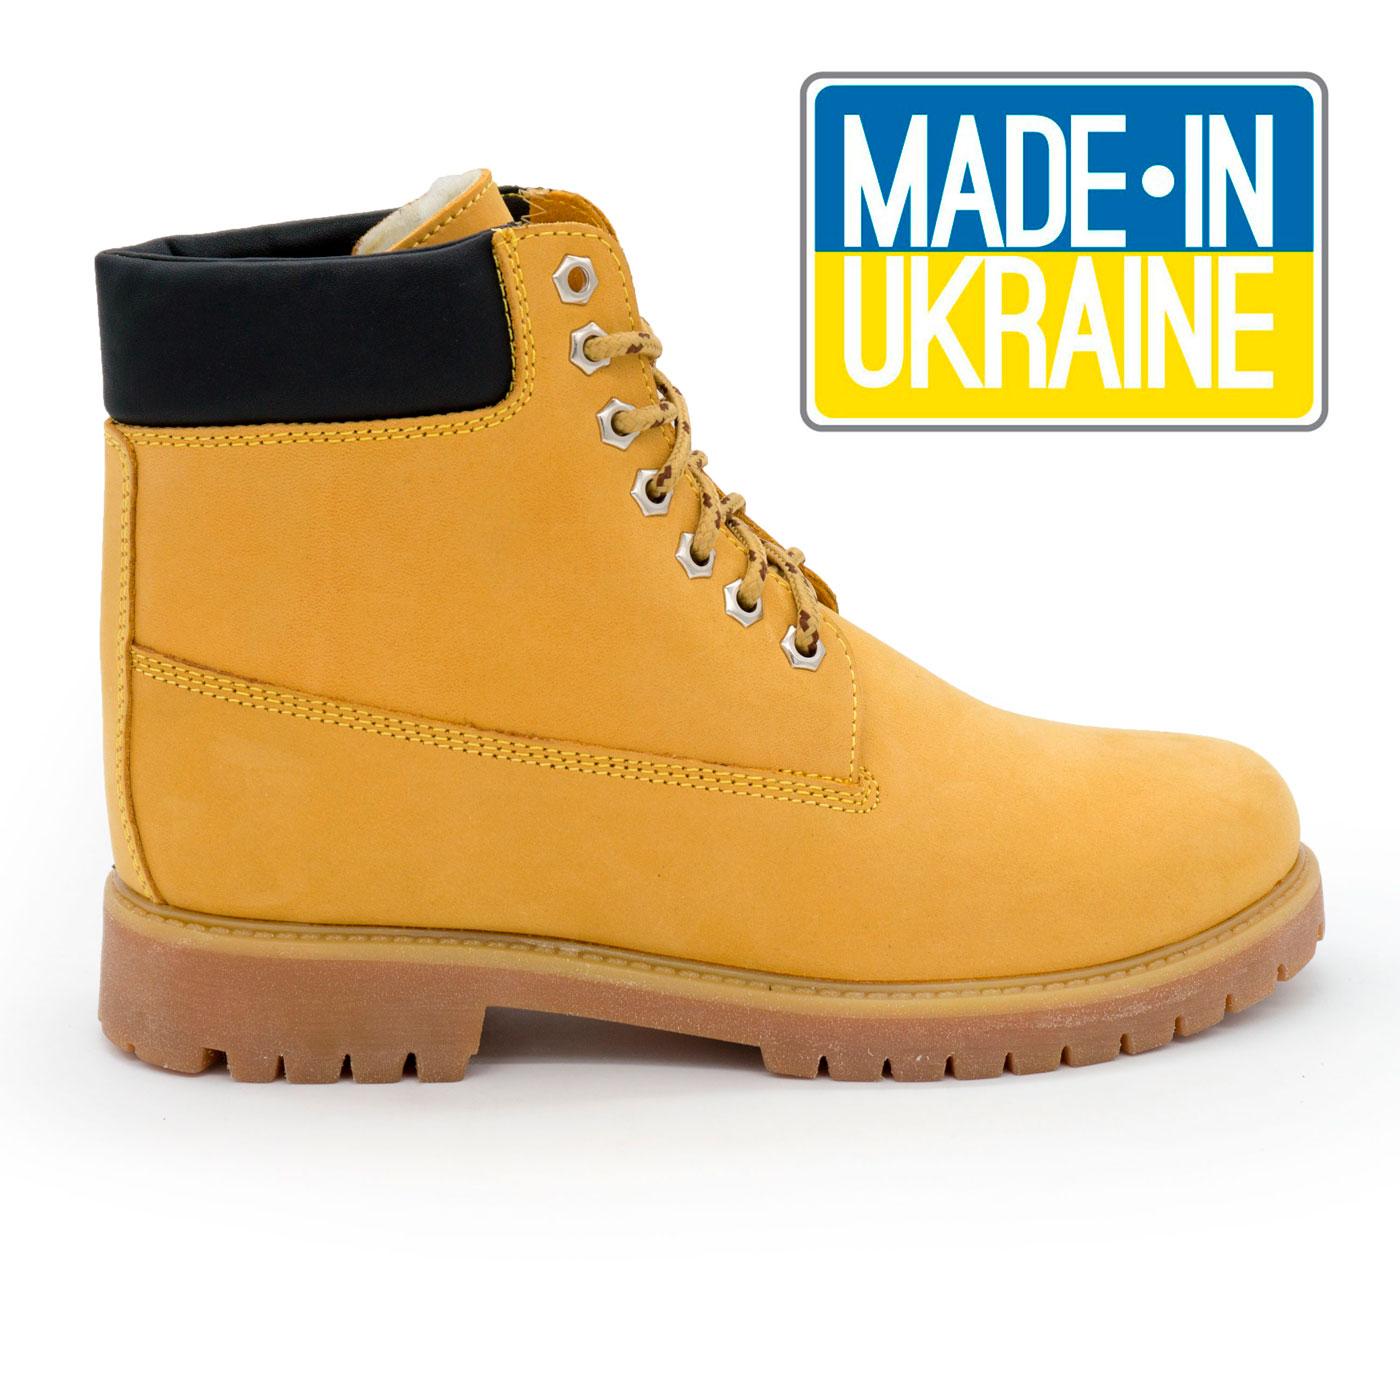 3fb1fa76 ... фото main Желтые женские ботинки Реплика Timberland 102 (сделано в  Украине) main ...